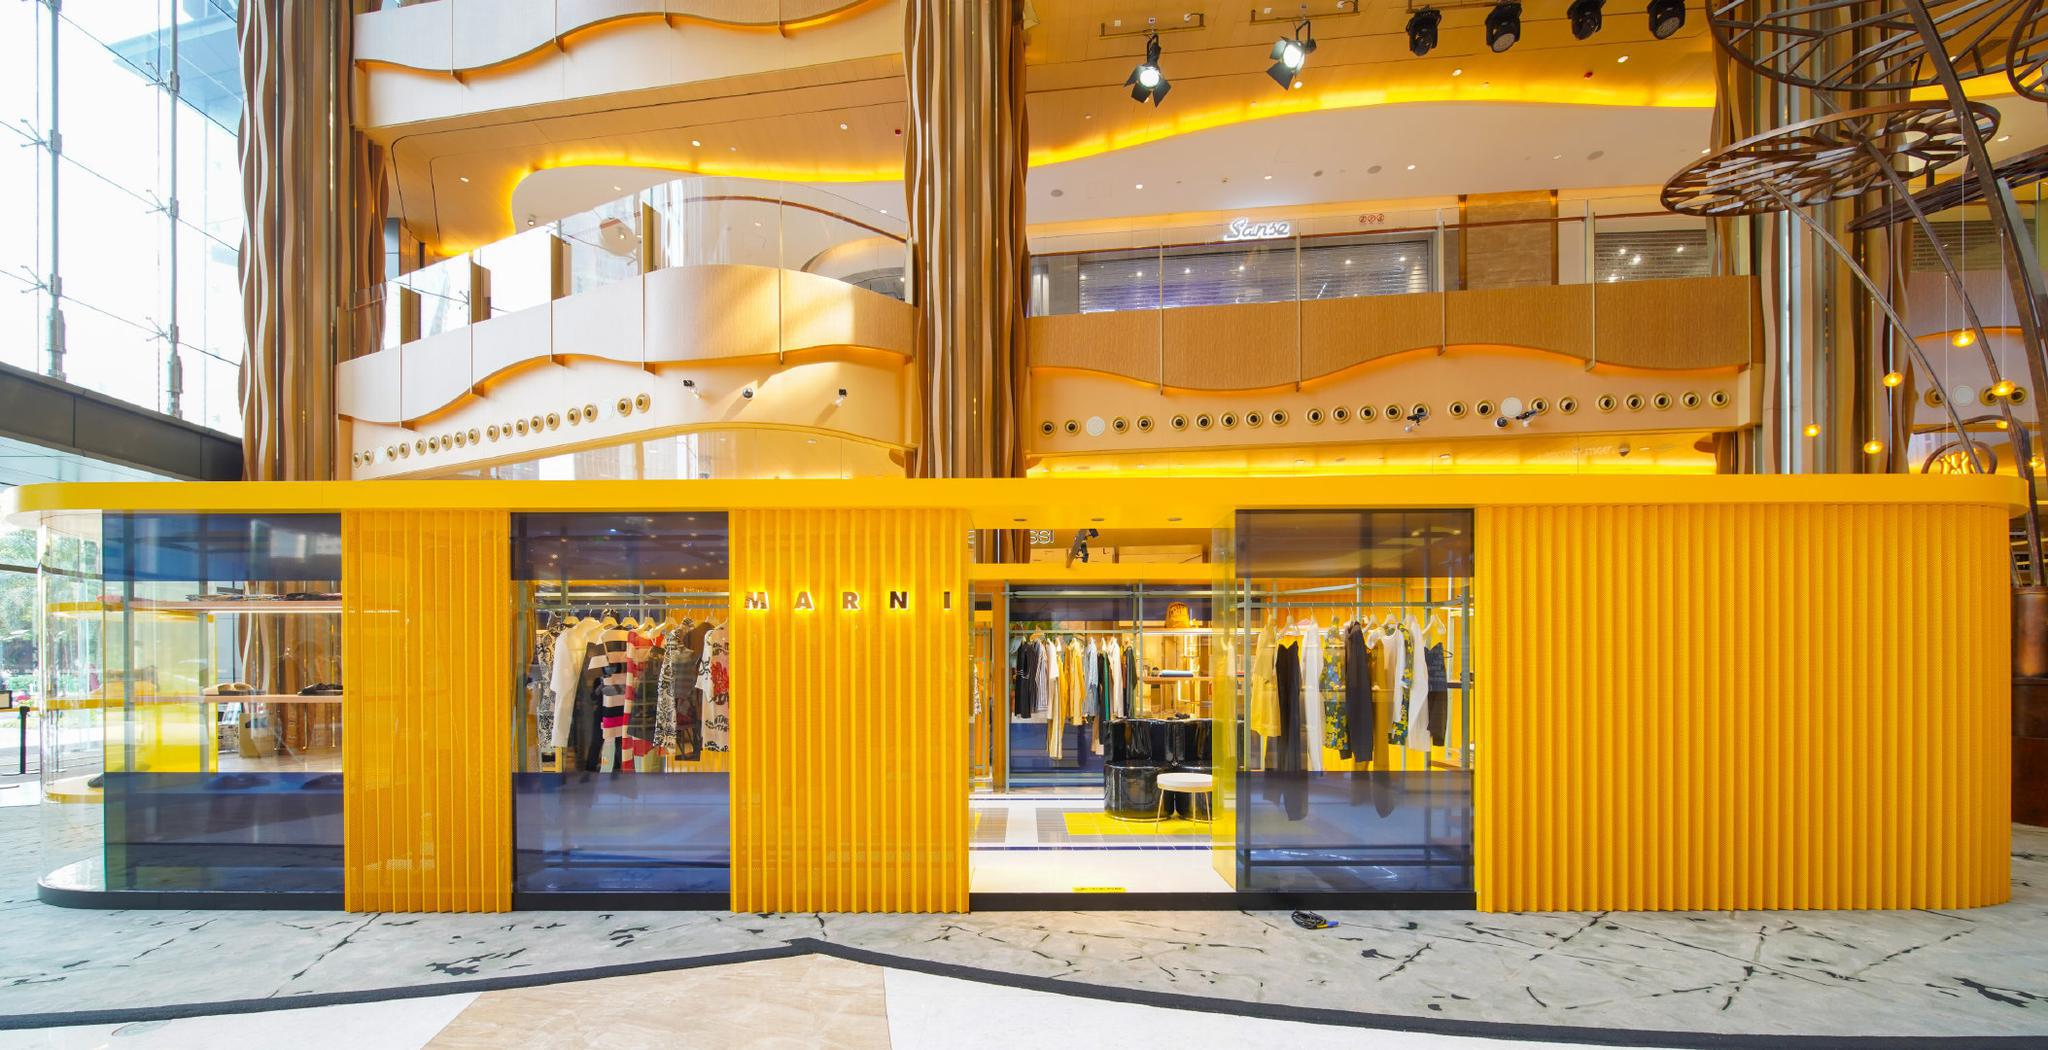 日前,Marni限时男装精品店入驻广州K11购物艺术中心……